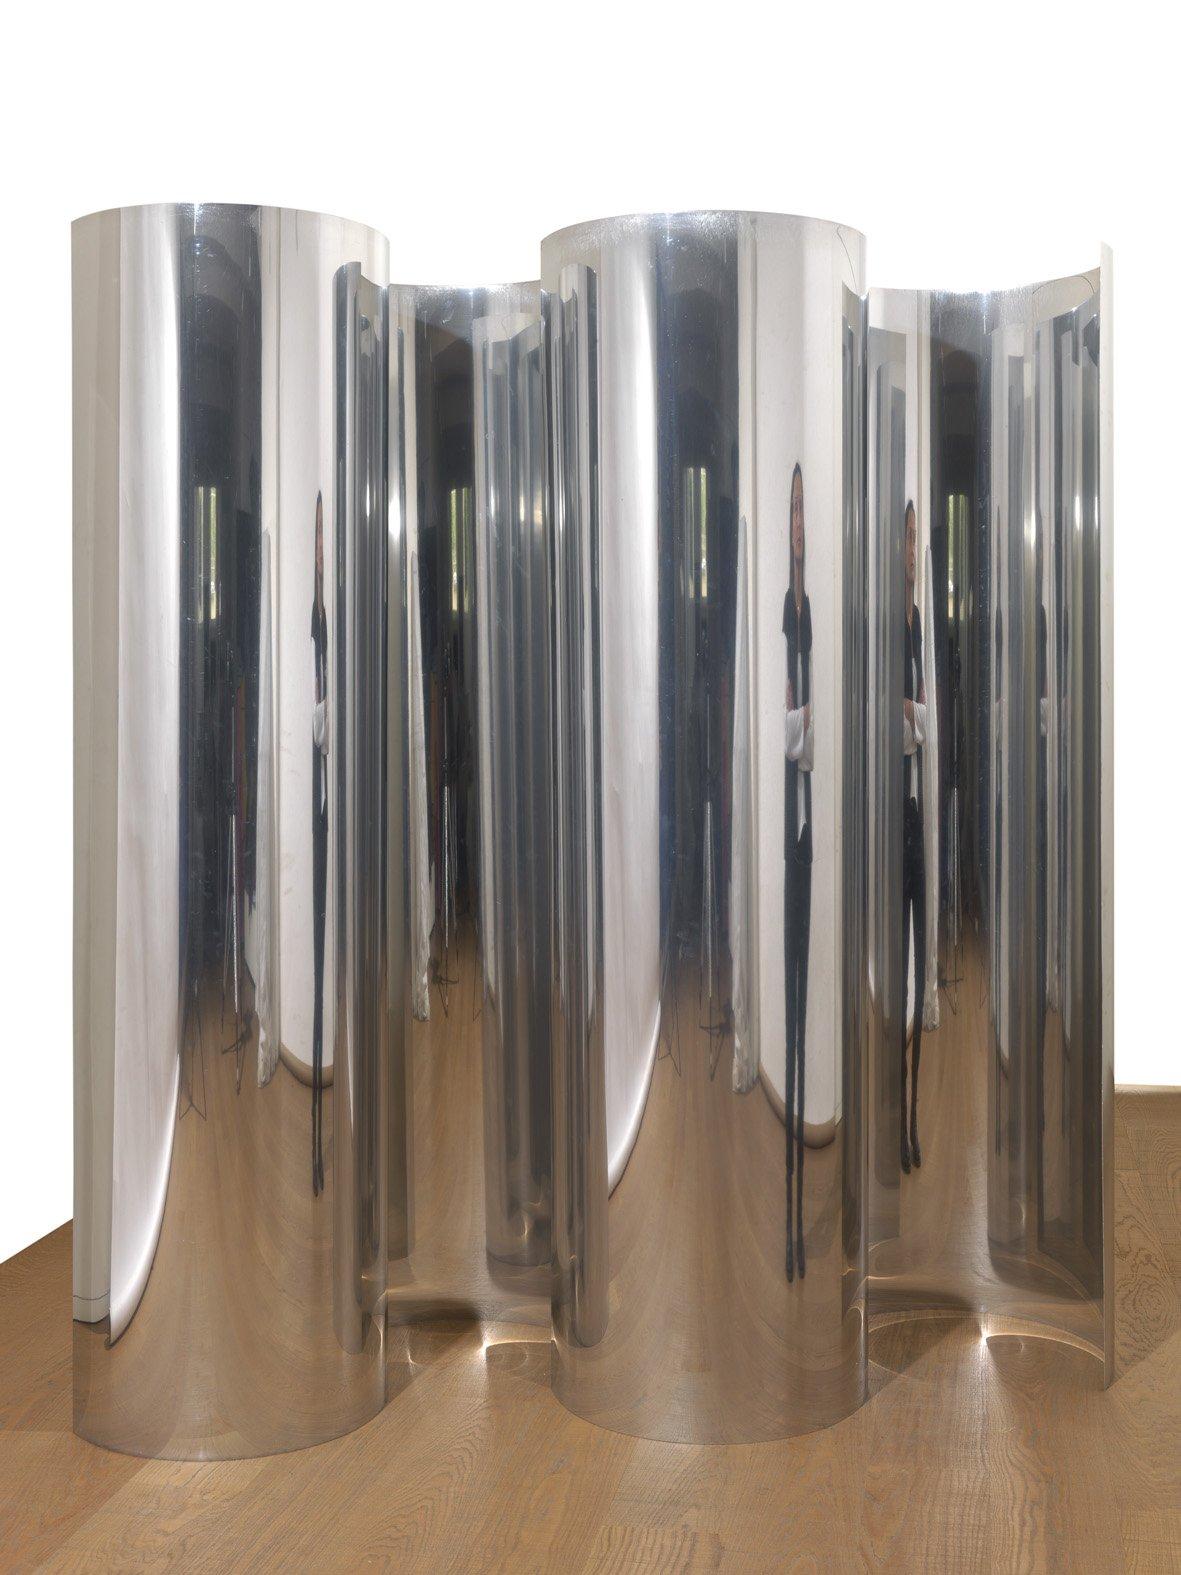 Getulio Alviani, Lo spazio dell'immagine (interrelazioni speculari curve) , 1964, 4 half cylinders in mirror effect polished aluminium, 78,74 x 22,83 x 12,59 inch